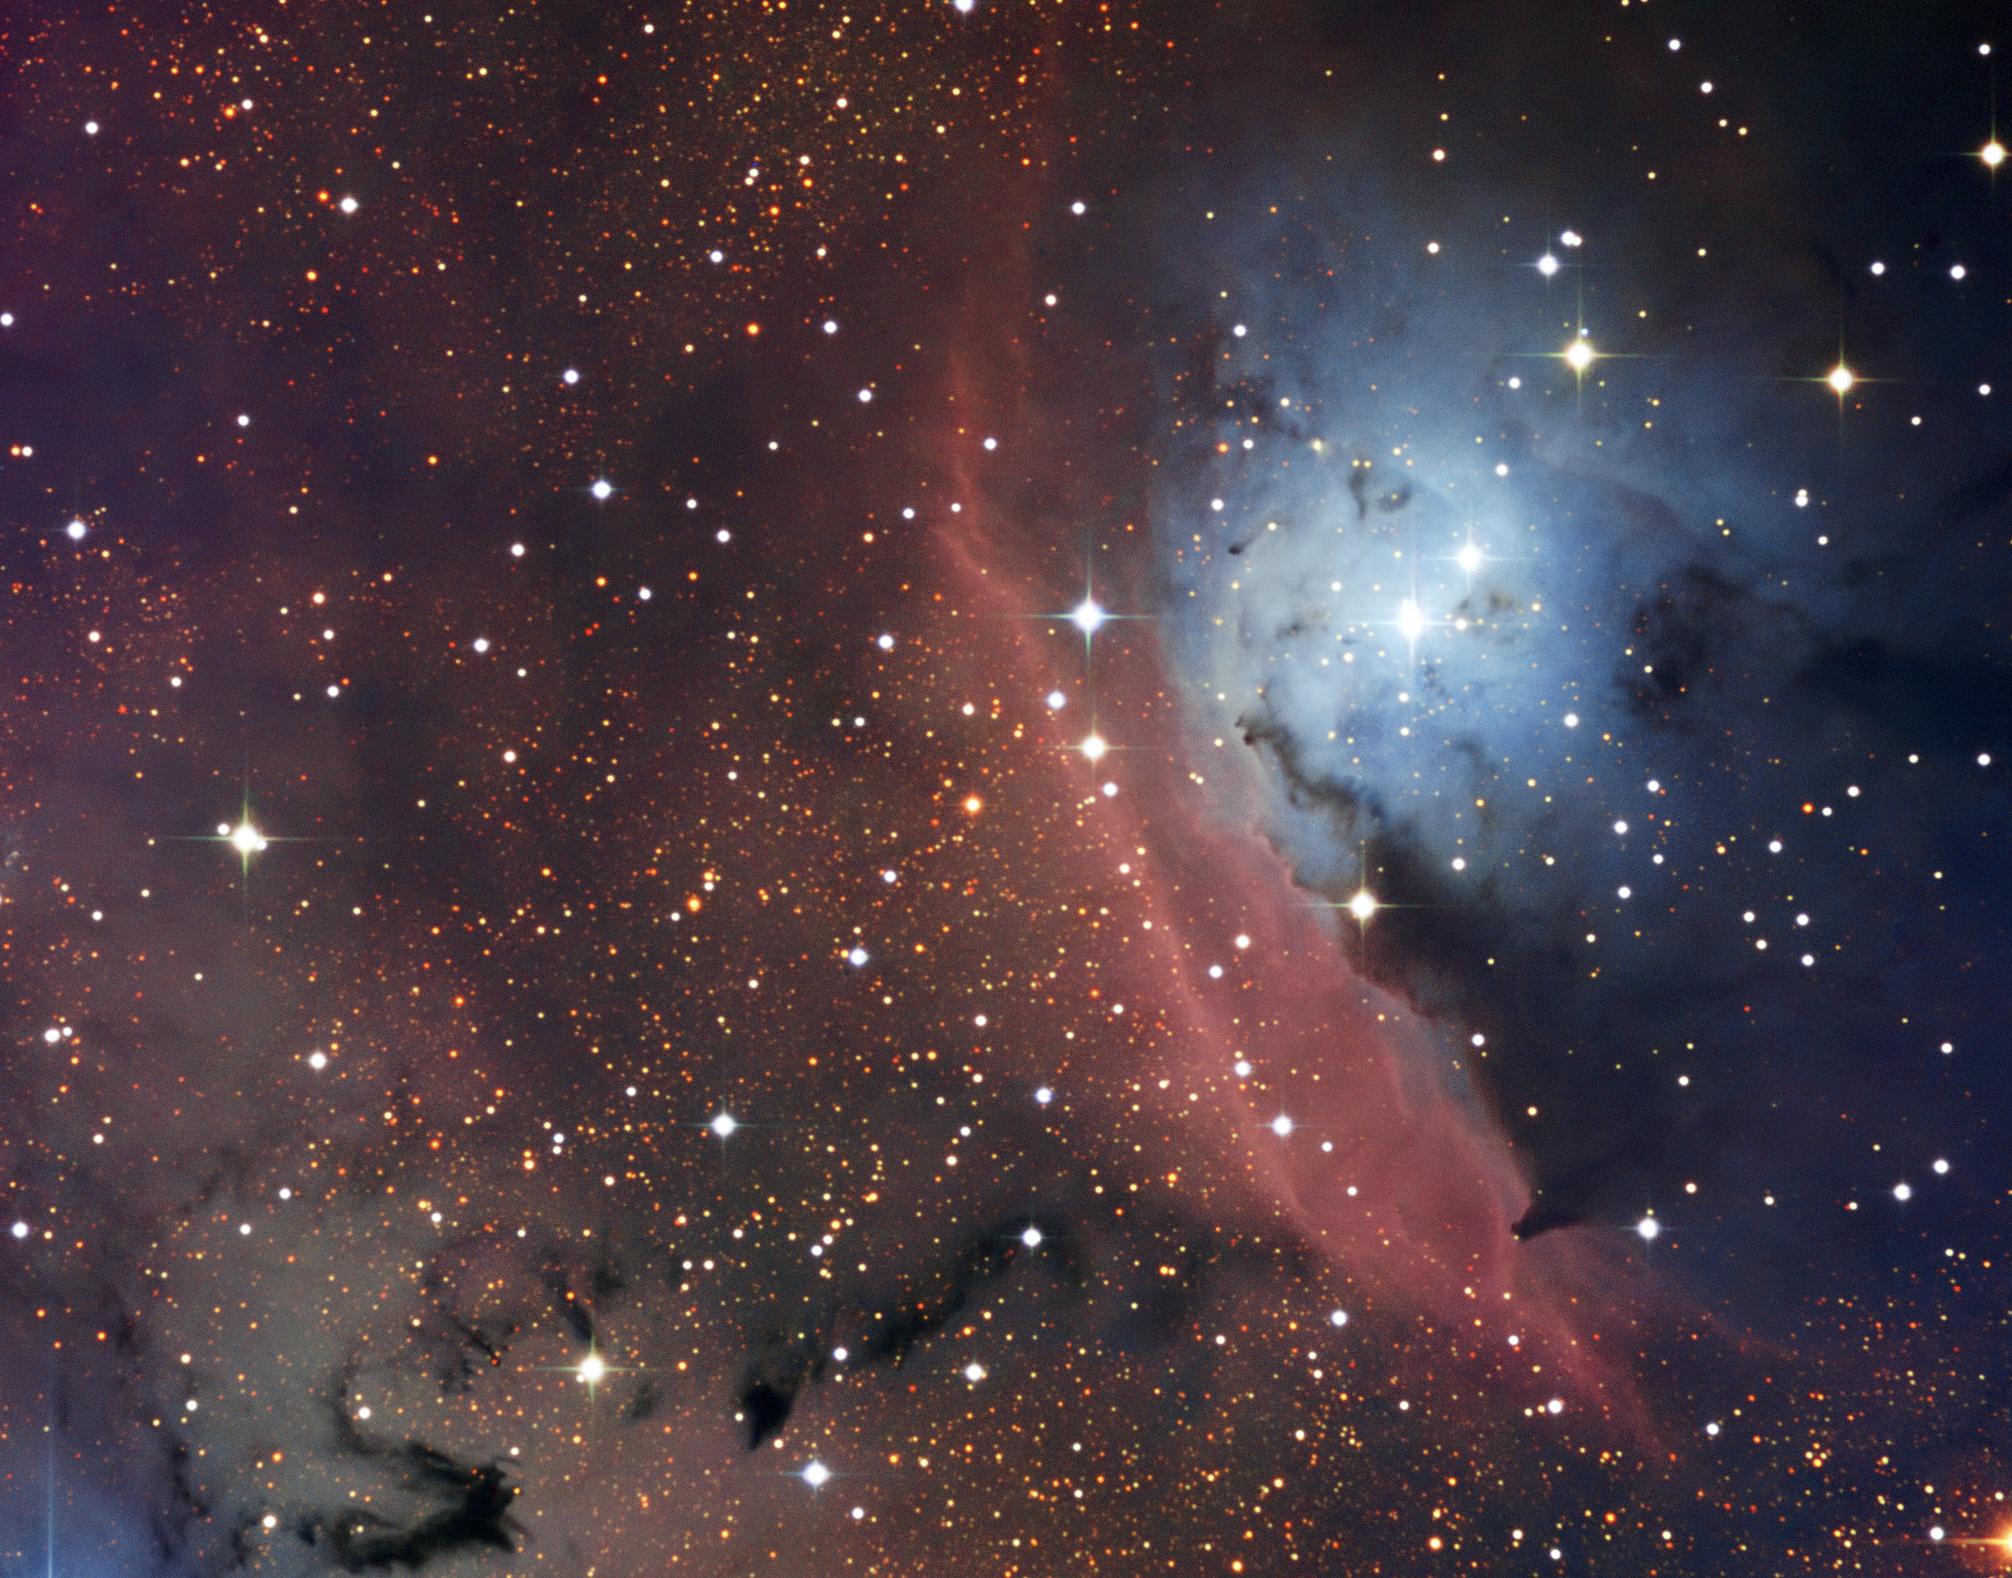 Encuentran agua atrapada en partículas de polvo en el espacio: ¿Qué significa esto?